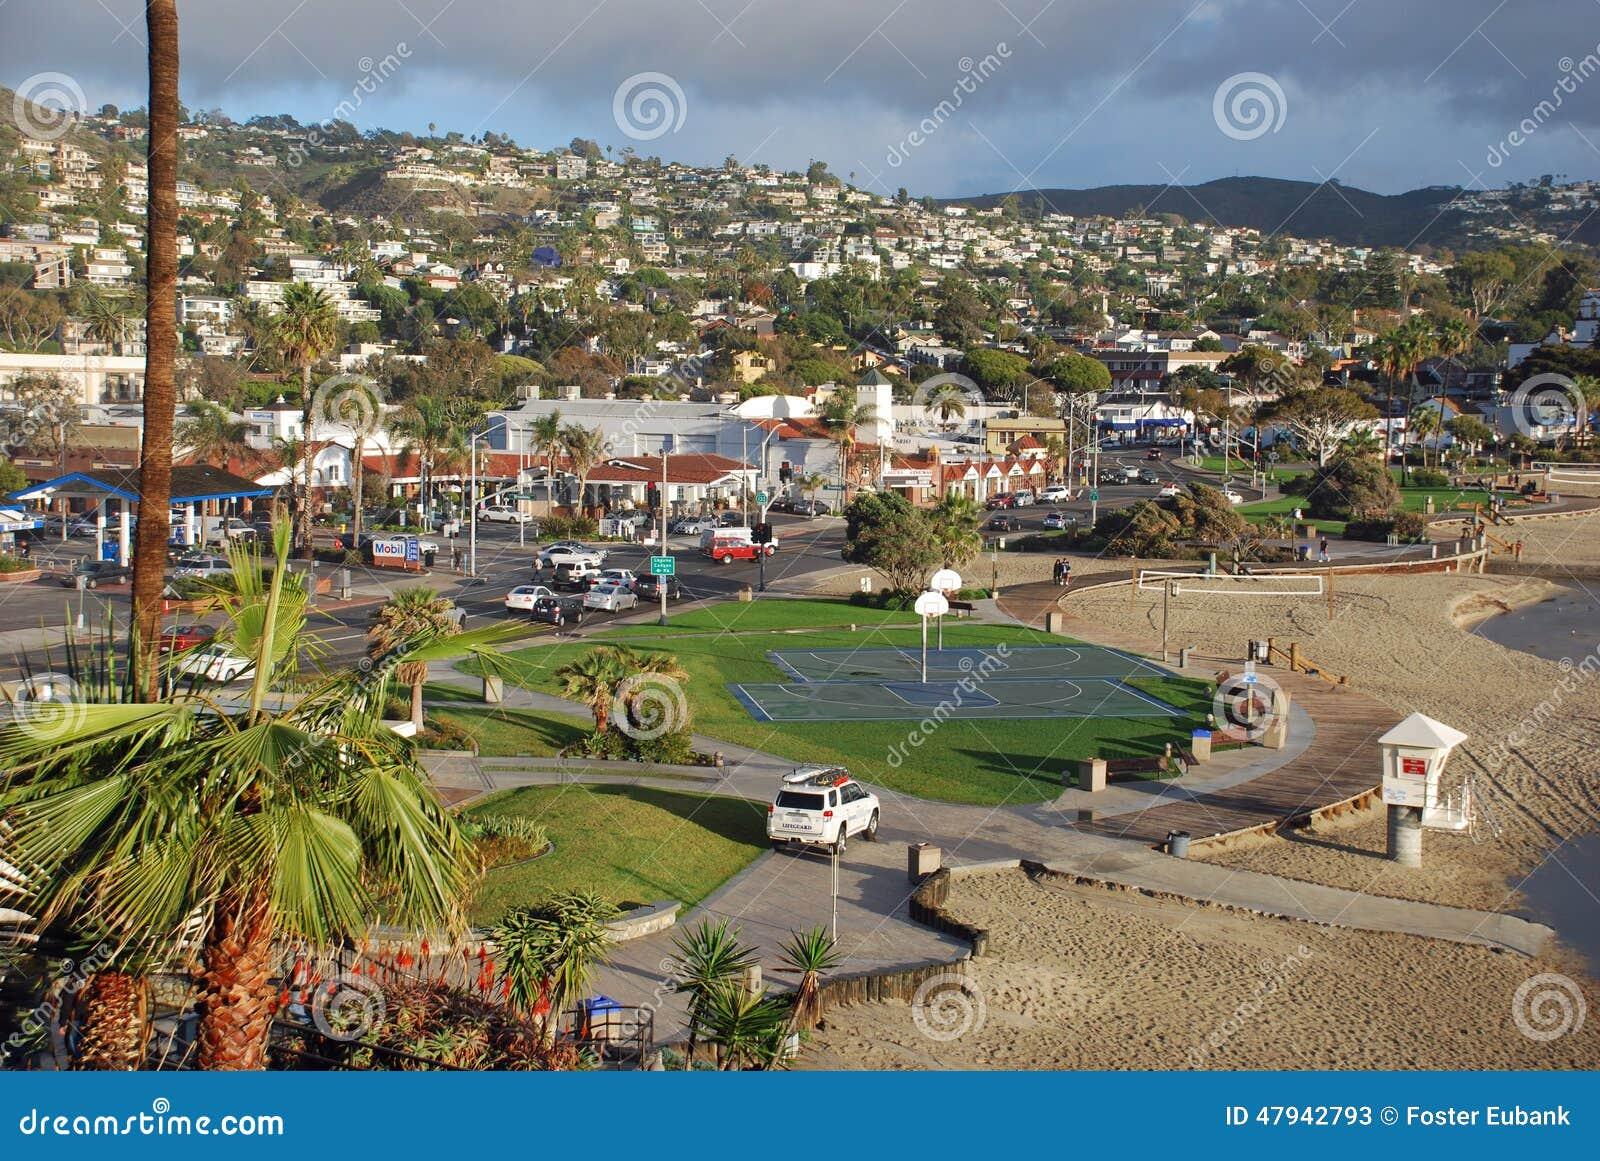 Hauptstrand Und Im Stadtzentrum Gelegenes Laguna Beach ...  Hauptstrand Und...